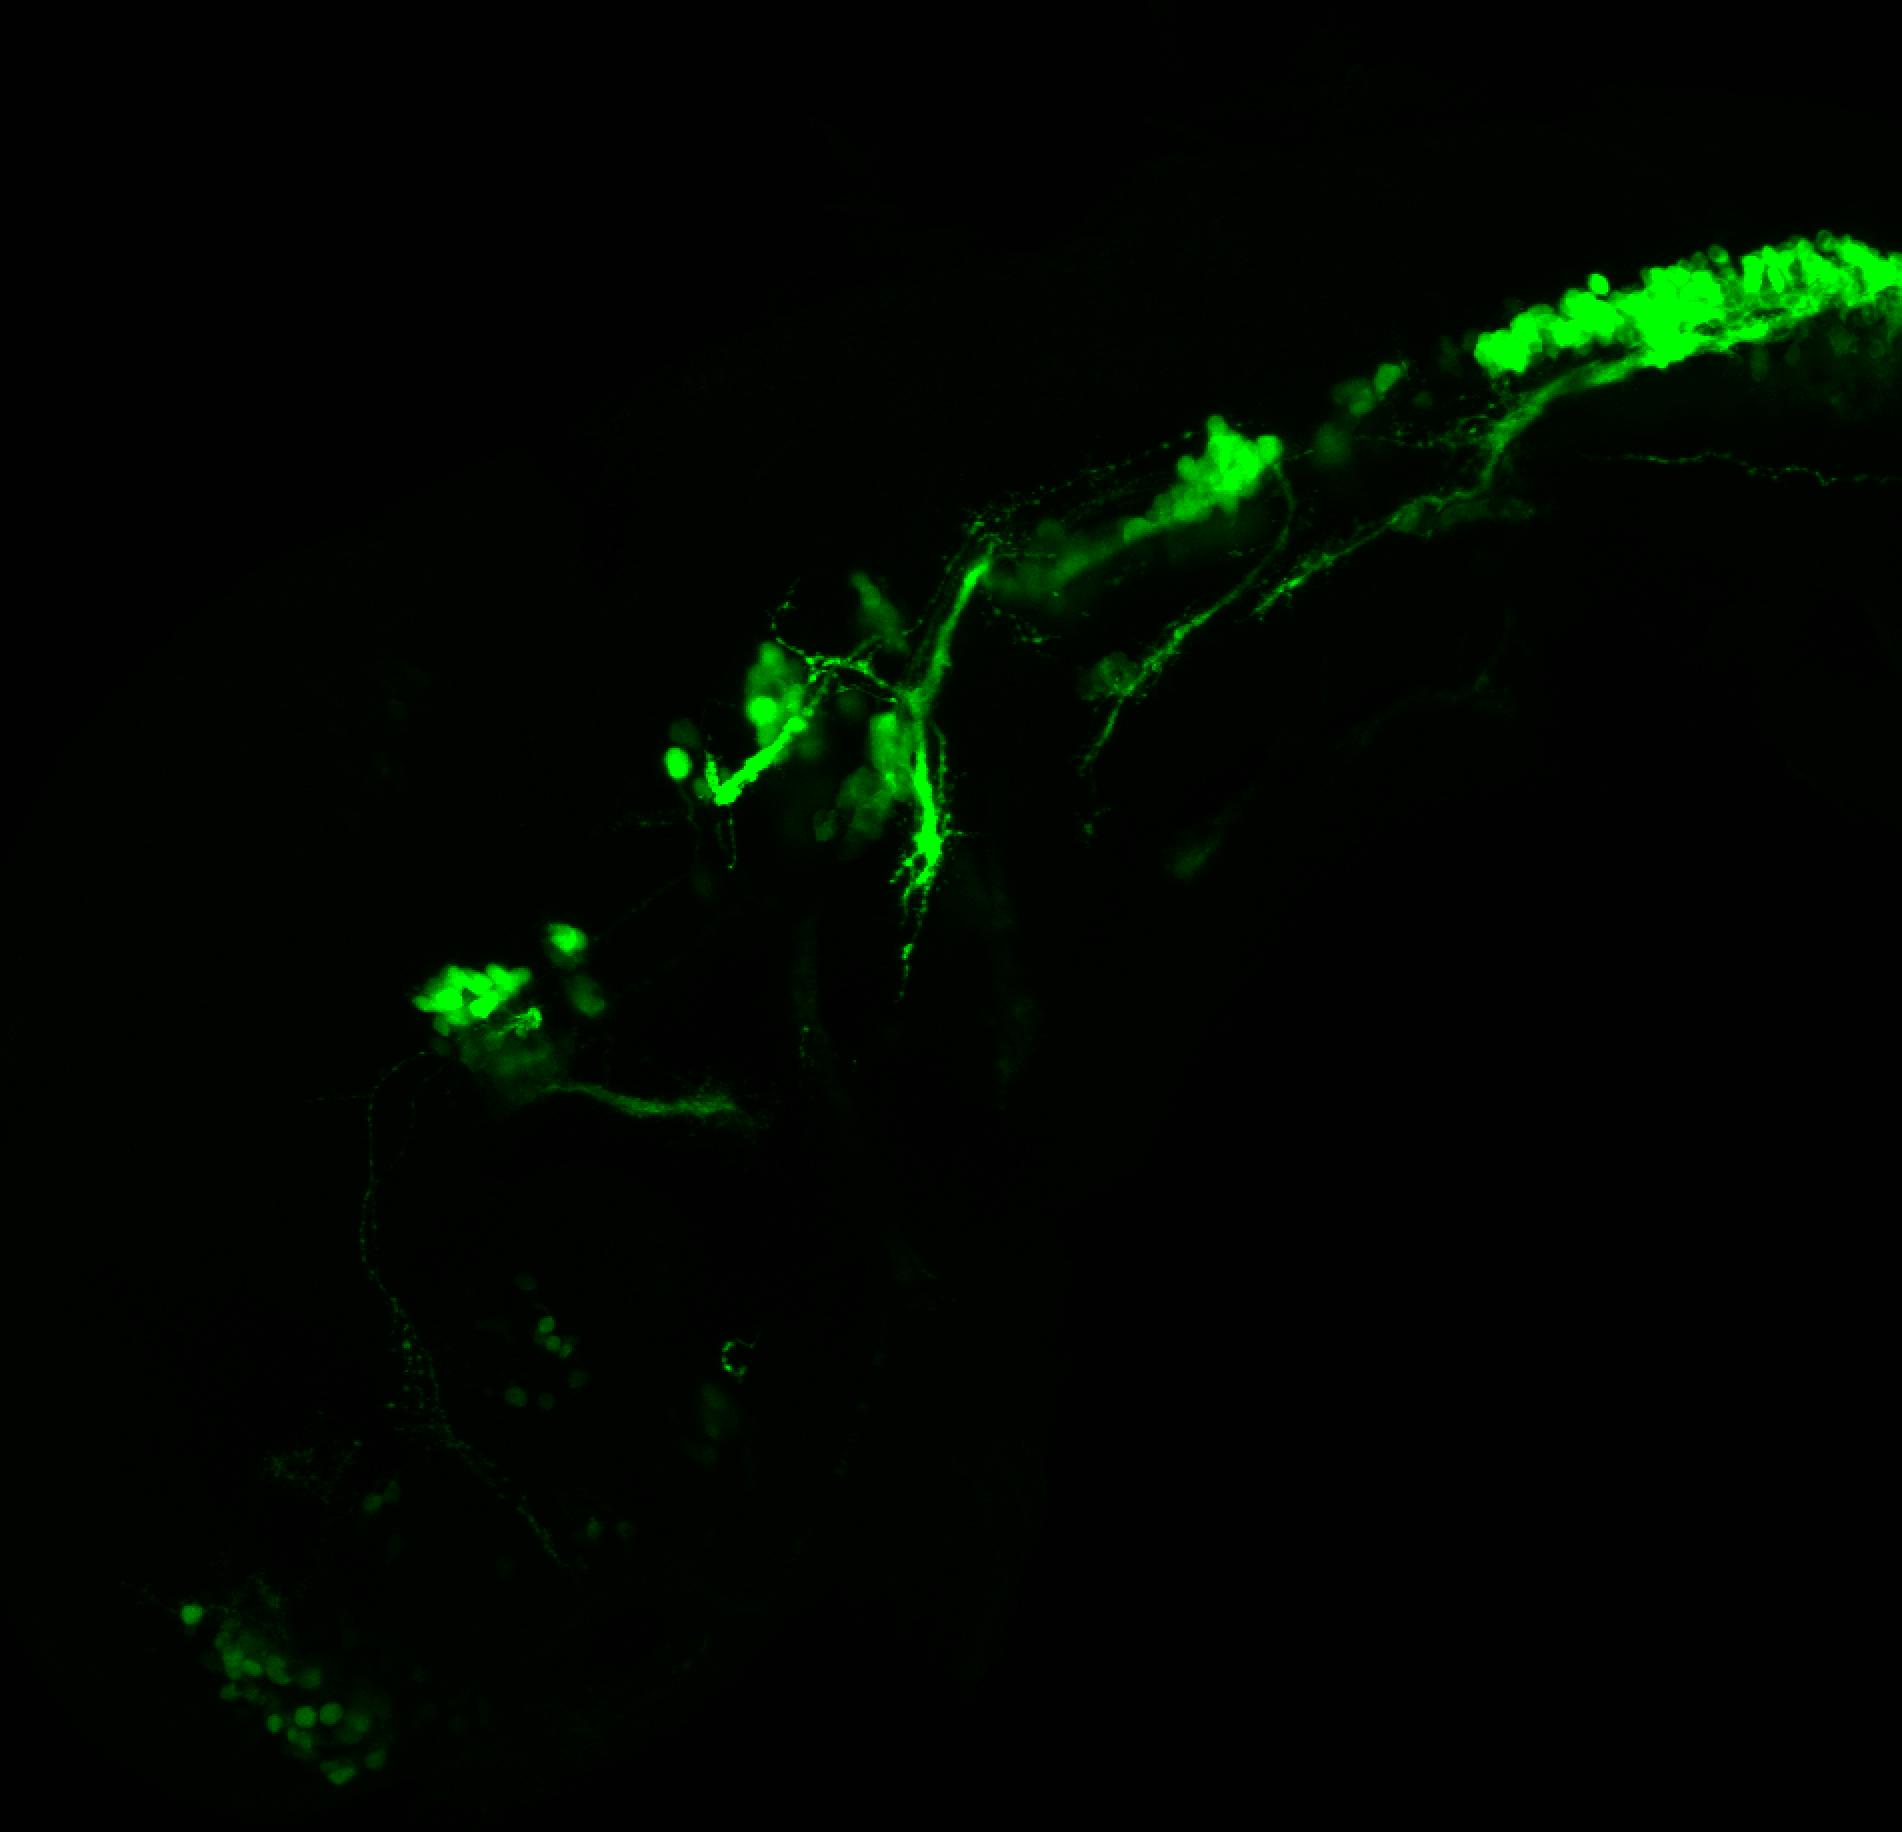 isl1:GFP 36hpf lateral